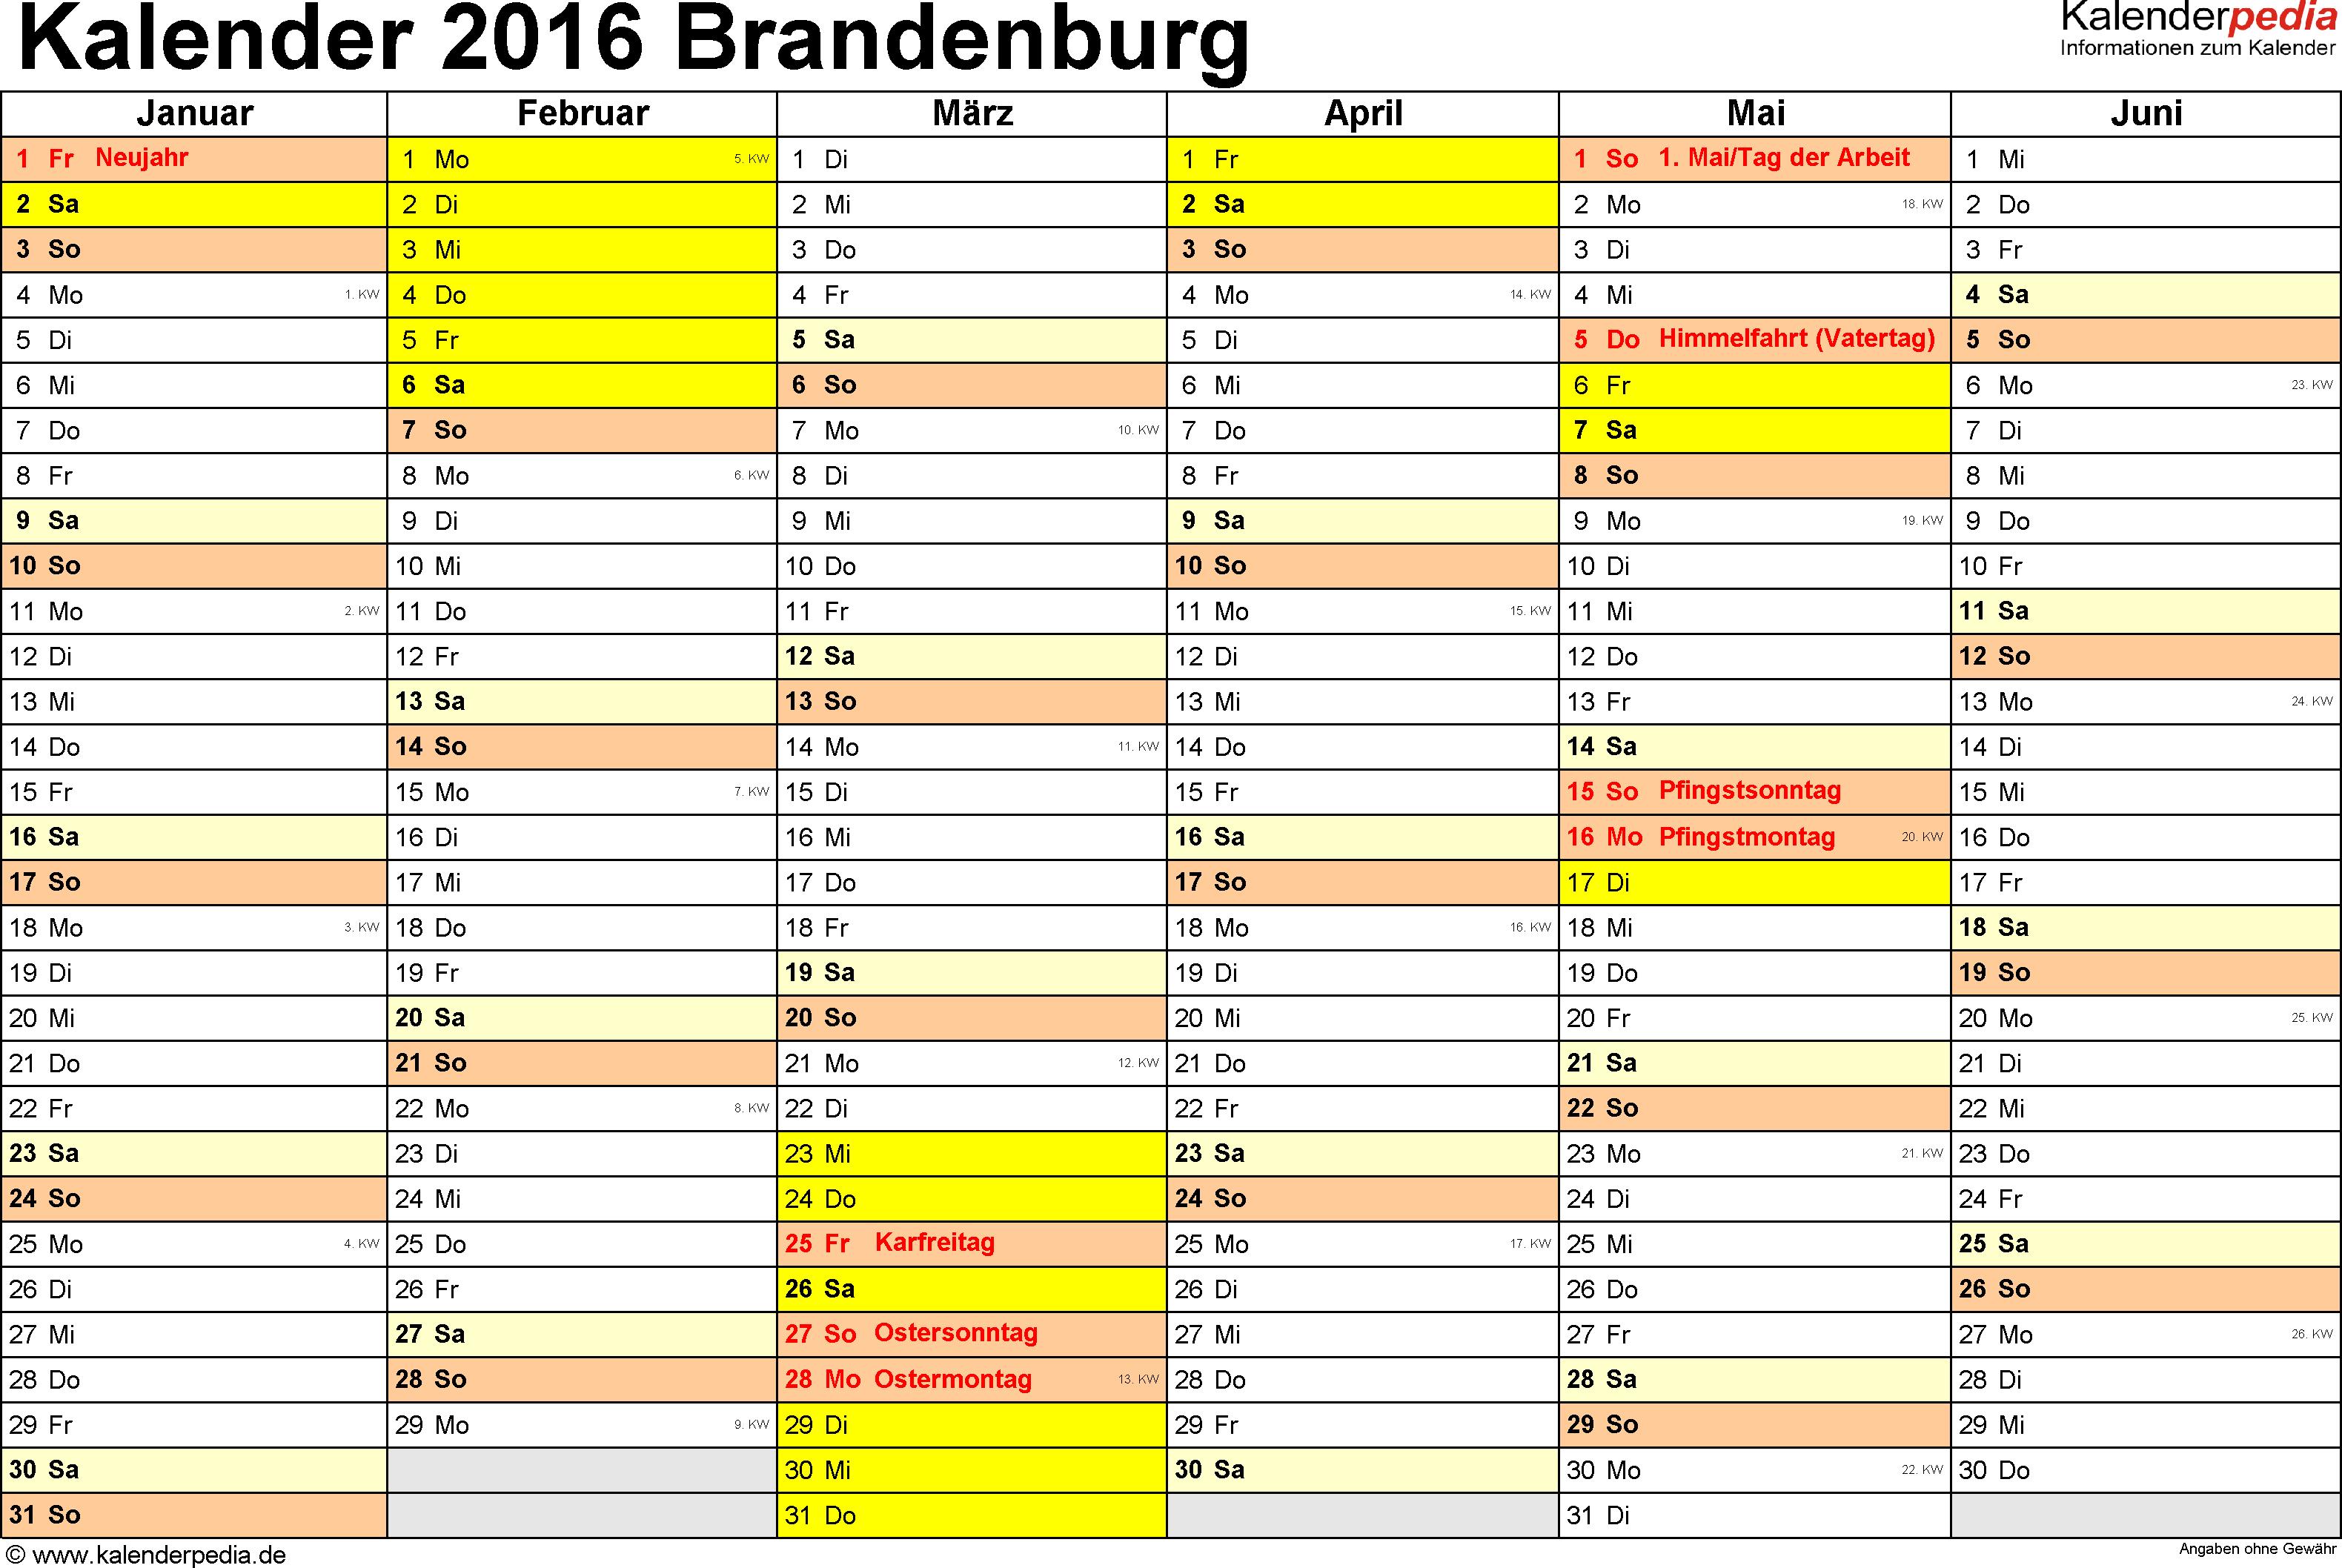 Vorlage 2: Kalender 2016 für Brandenburg als PDF-Vorlage (Querformat, 2 Seiten)